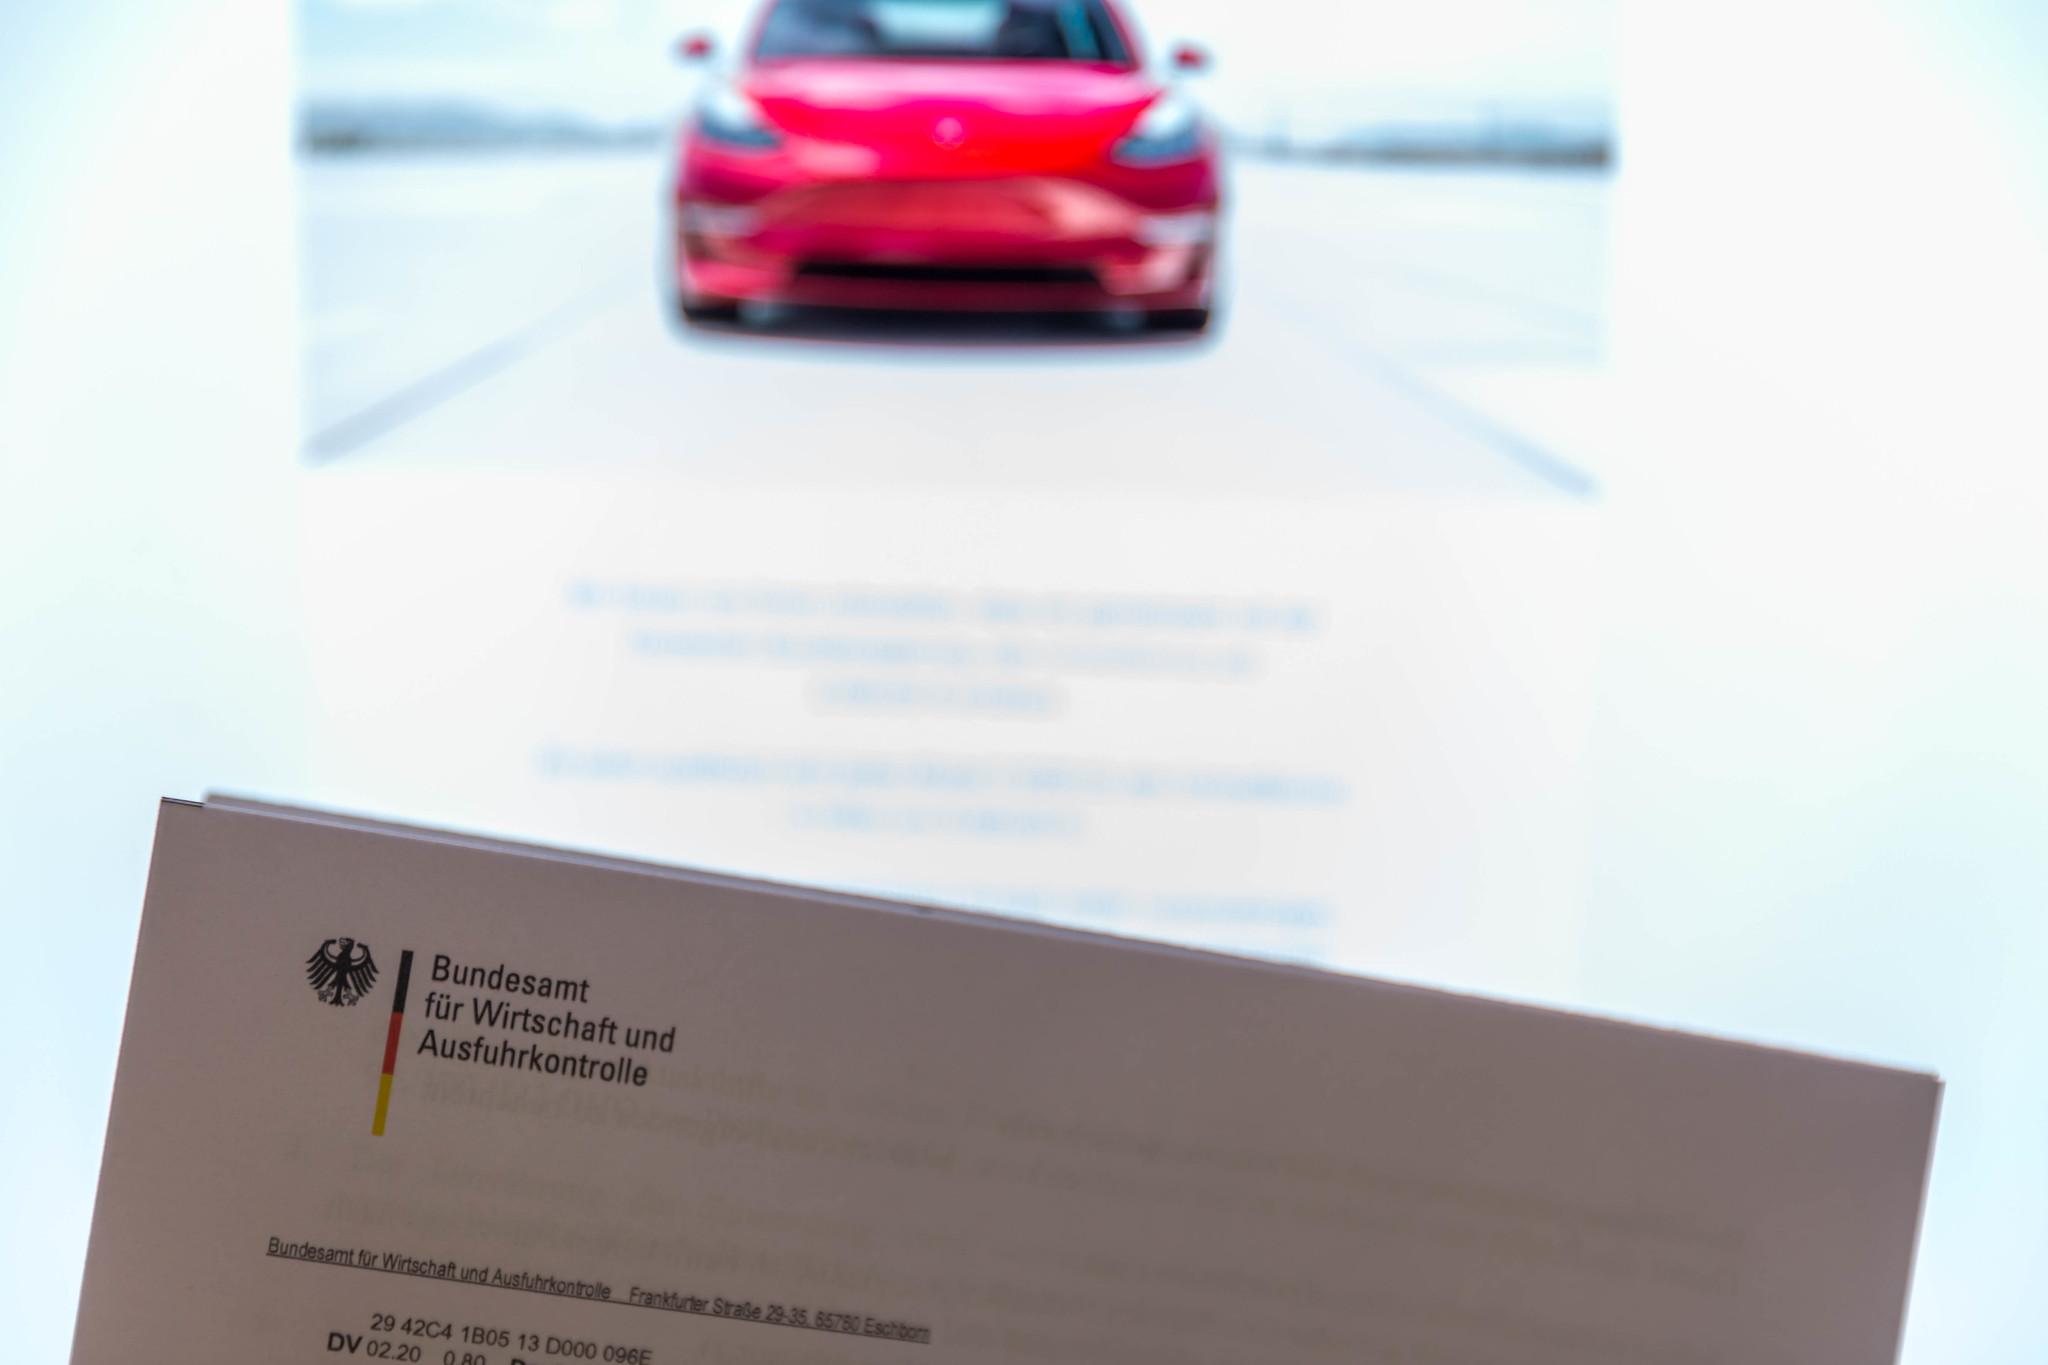 Marco Verch Bundesamt für Wirtschaft und Ausfuhrkontrolle: Mitteilung zum Thema Umweltbonus für die Besitzer von E-Autos